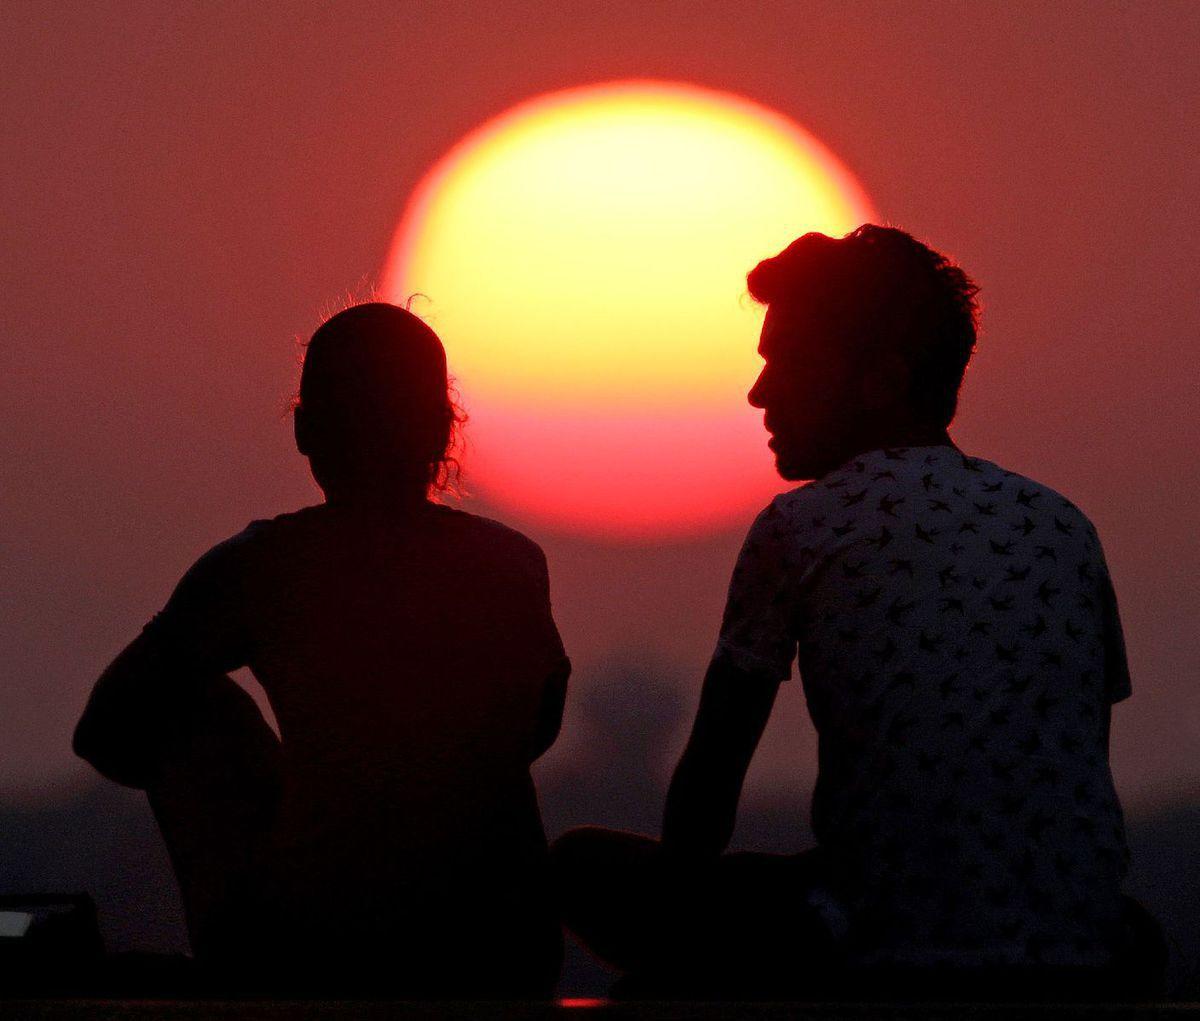 západ slnka, večer, romantika, dvojica, Missouri